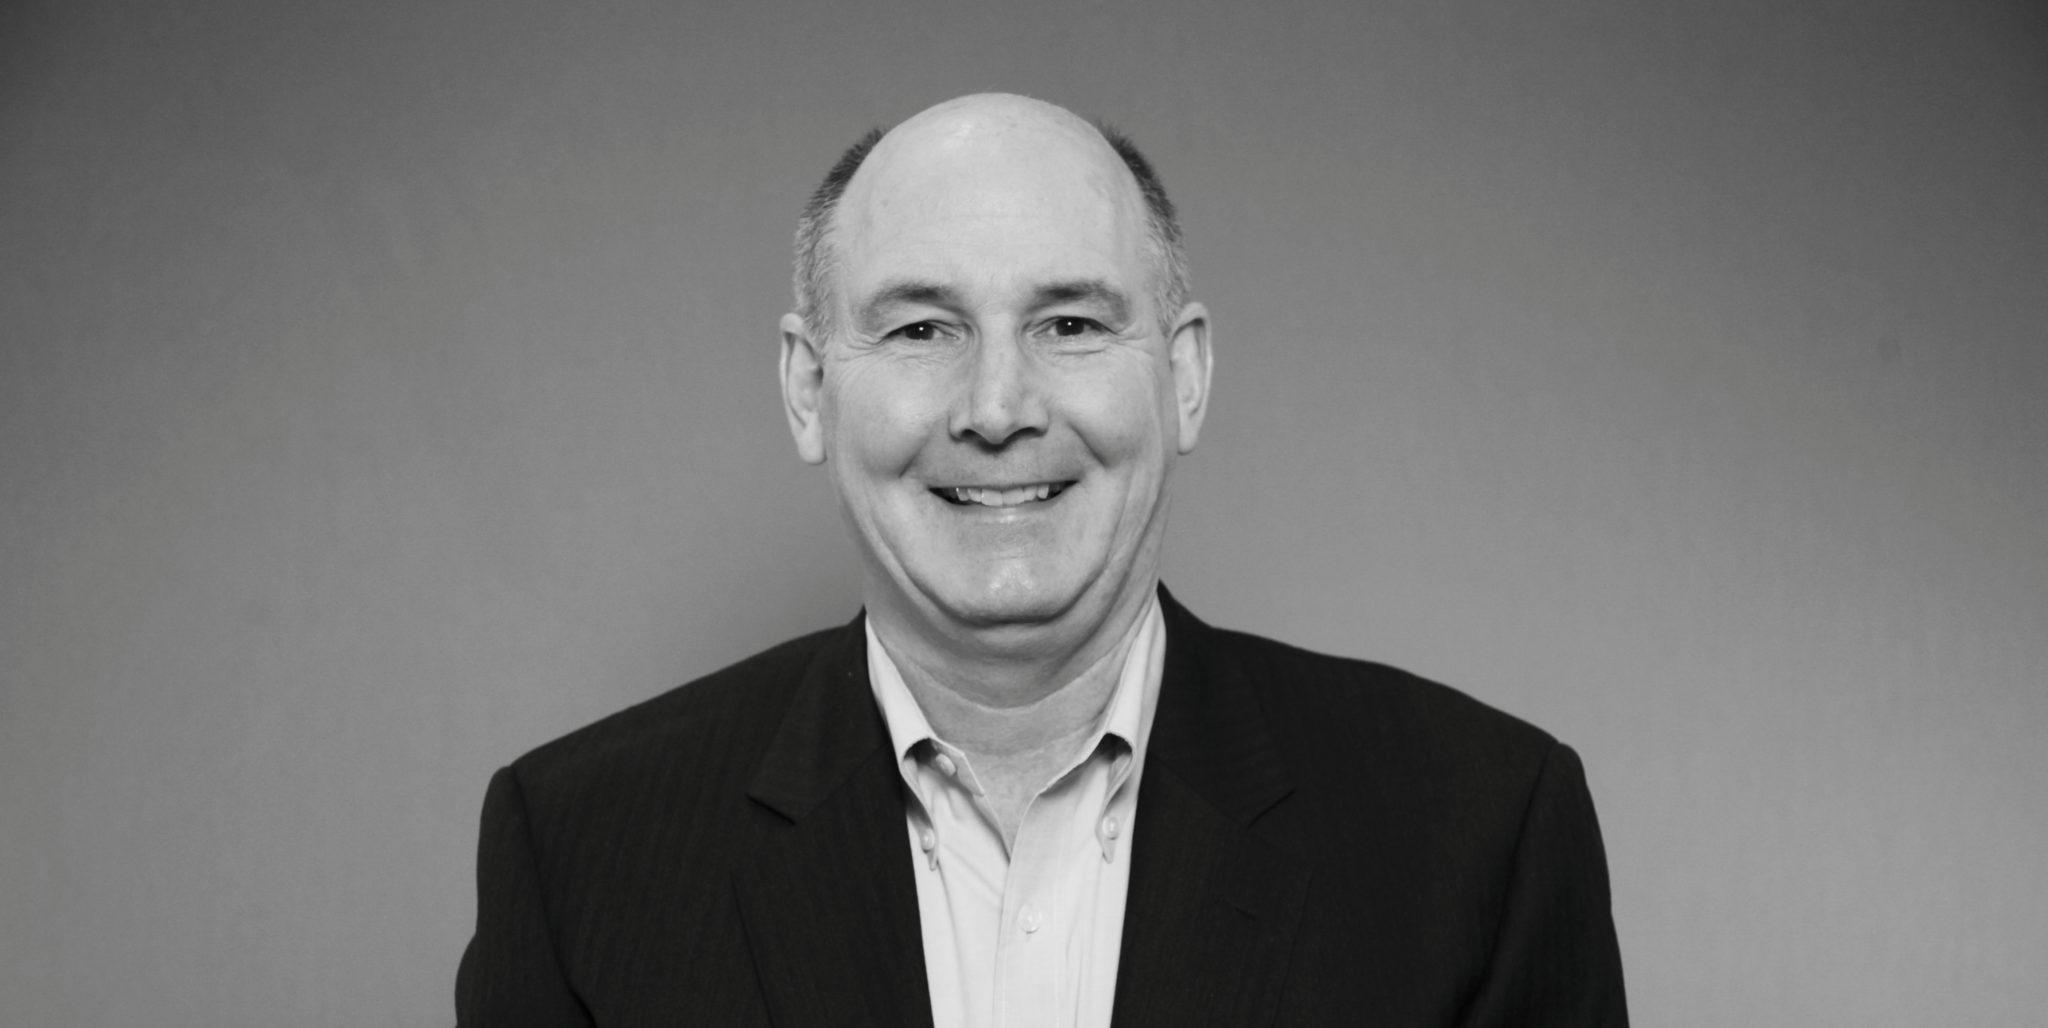 Ian D. Barclay